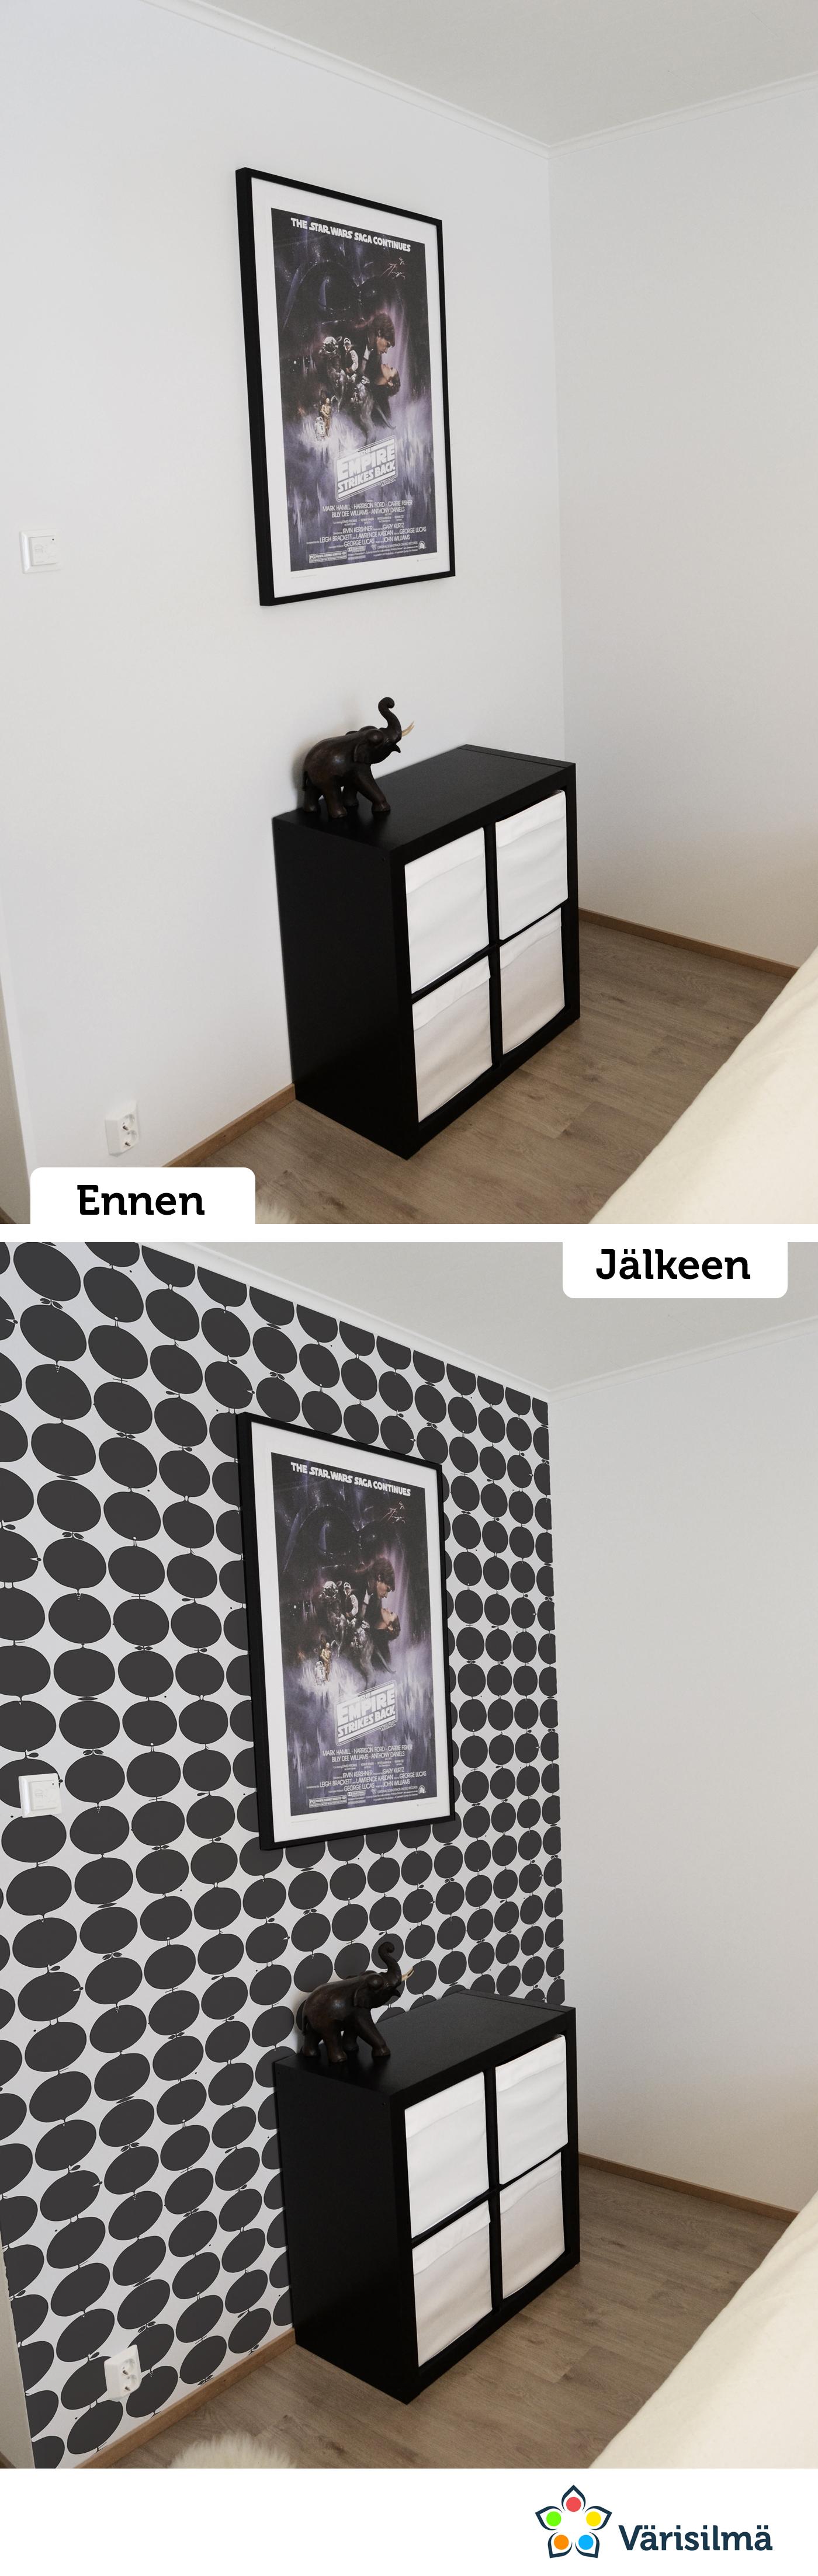 Tapettina Wallpapers by Scandinavian Designers-malliston malli 2751. kauppa.varisilma.fi #värisilmämakeover